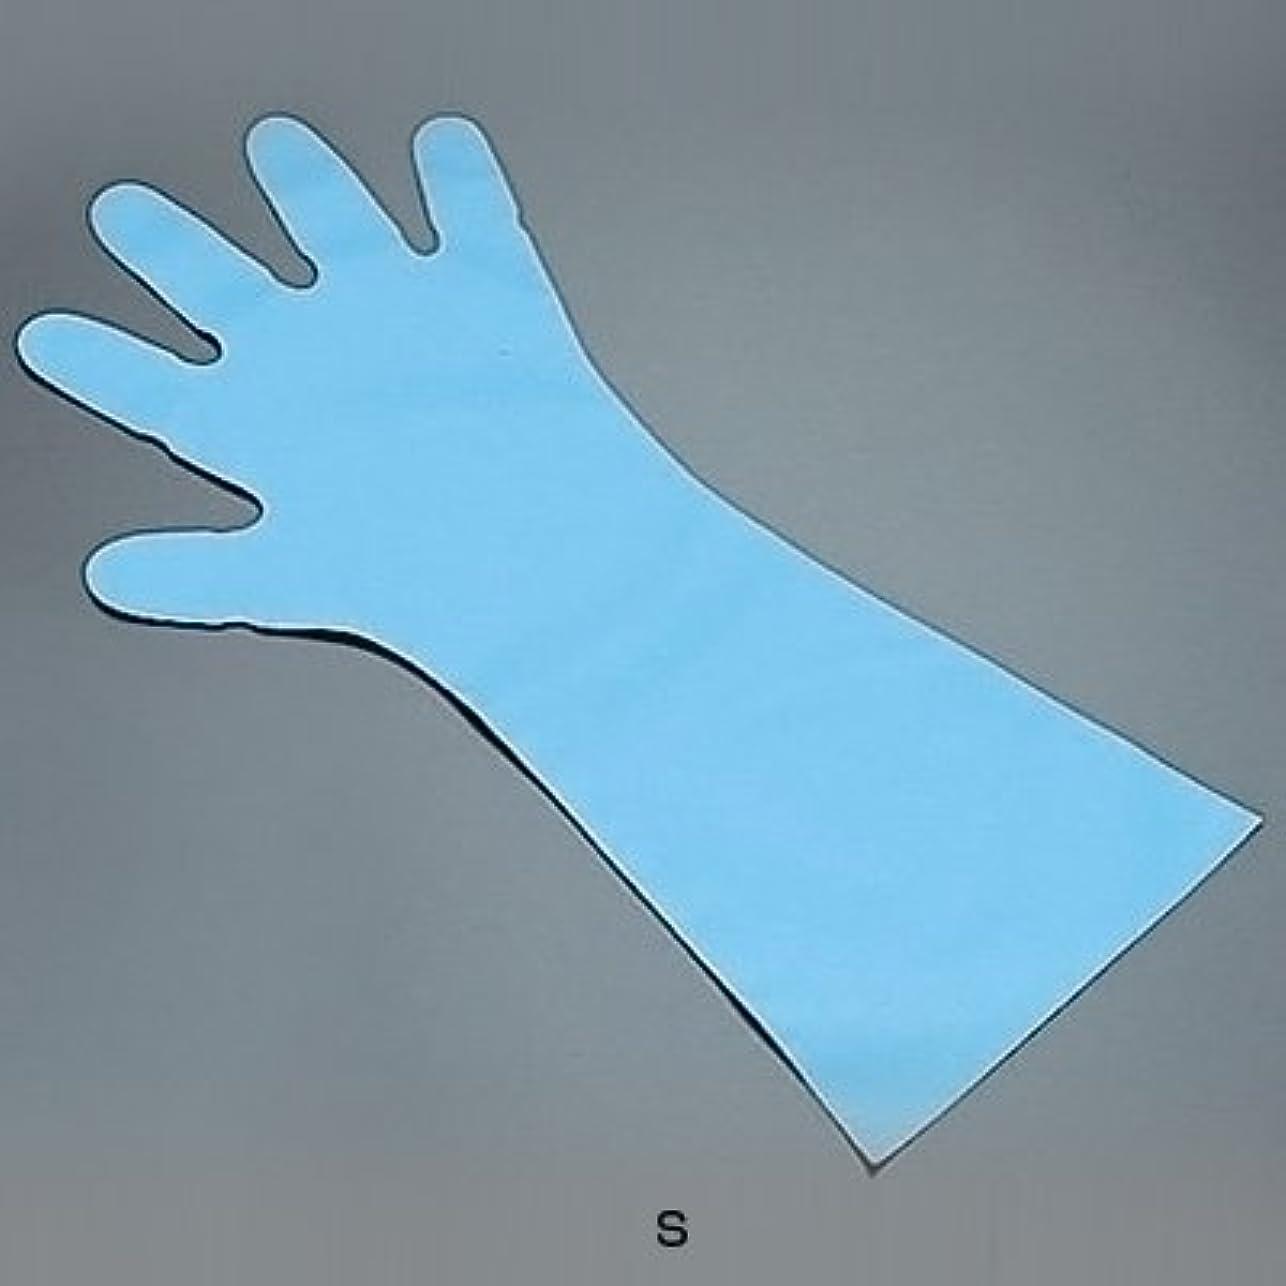 段落胴体不定エンボス手袋 五本絞り ロング#50 (1袋50枚入) S 全長45cm <ブルー>